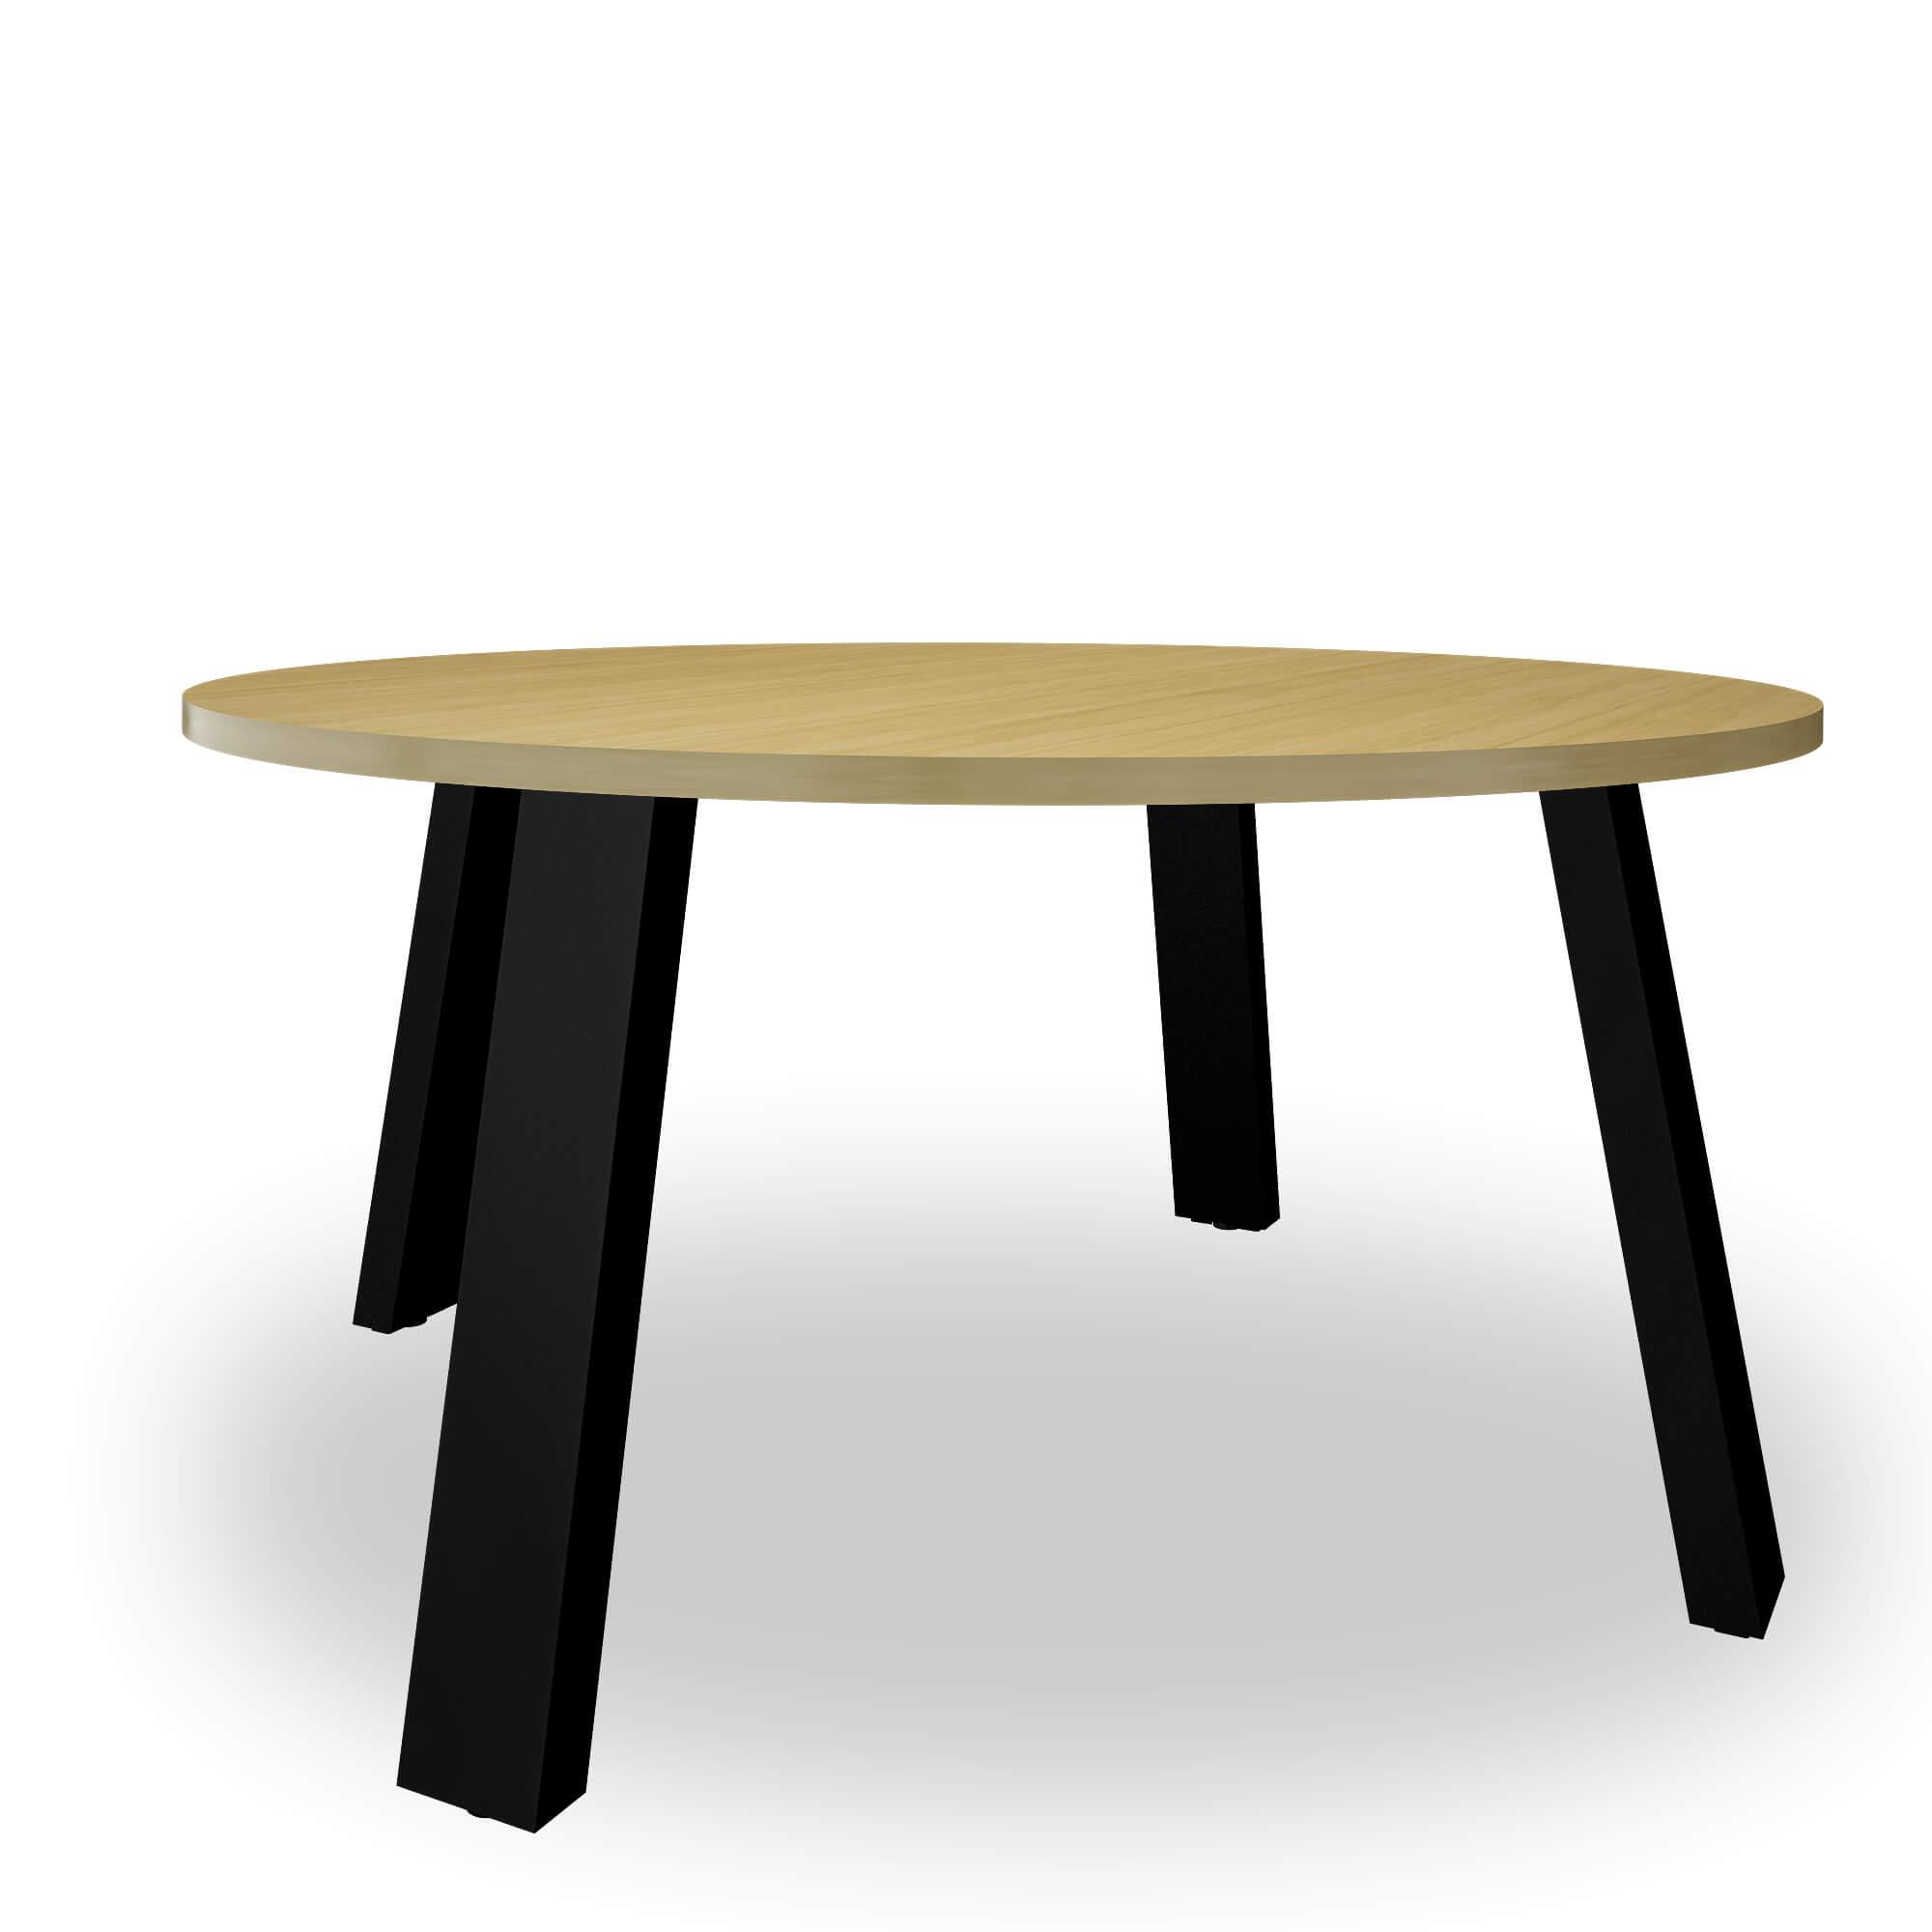 Besprechungstisch Esstisch Küchentisch rund Bralco - Take Off Evo Größe & Farbe wählbar